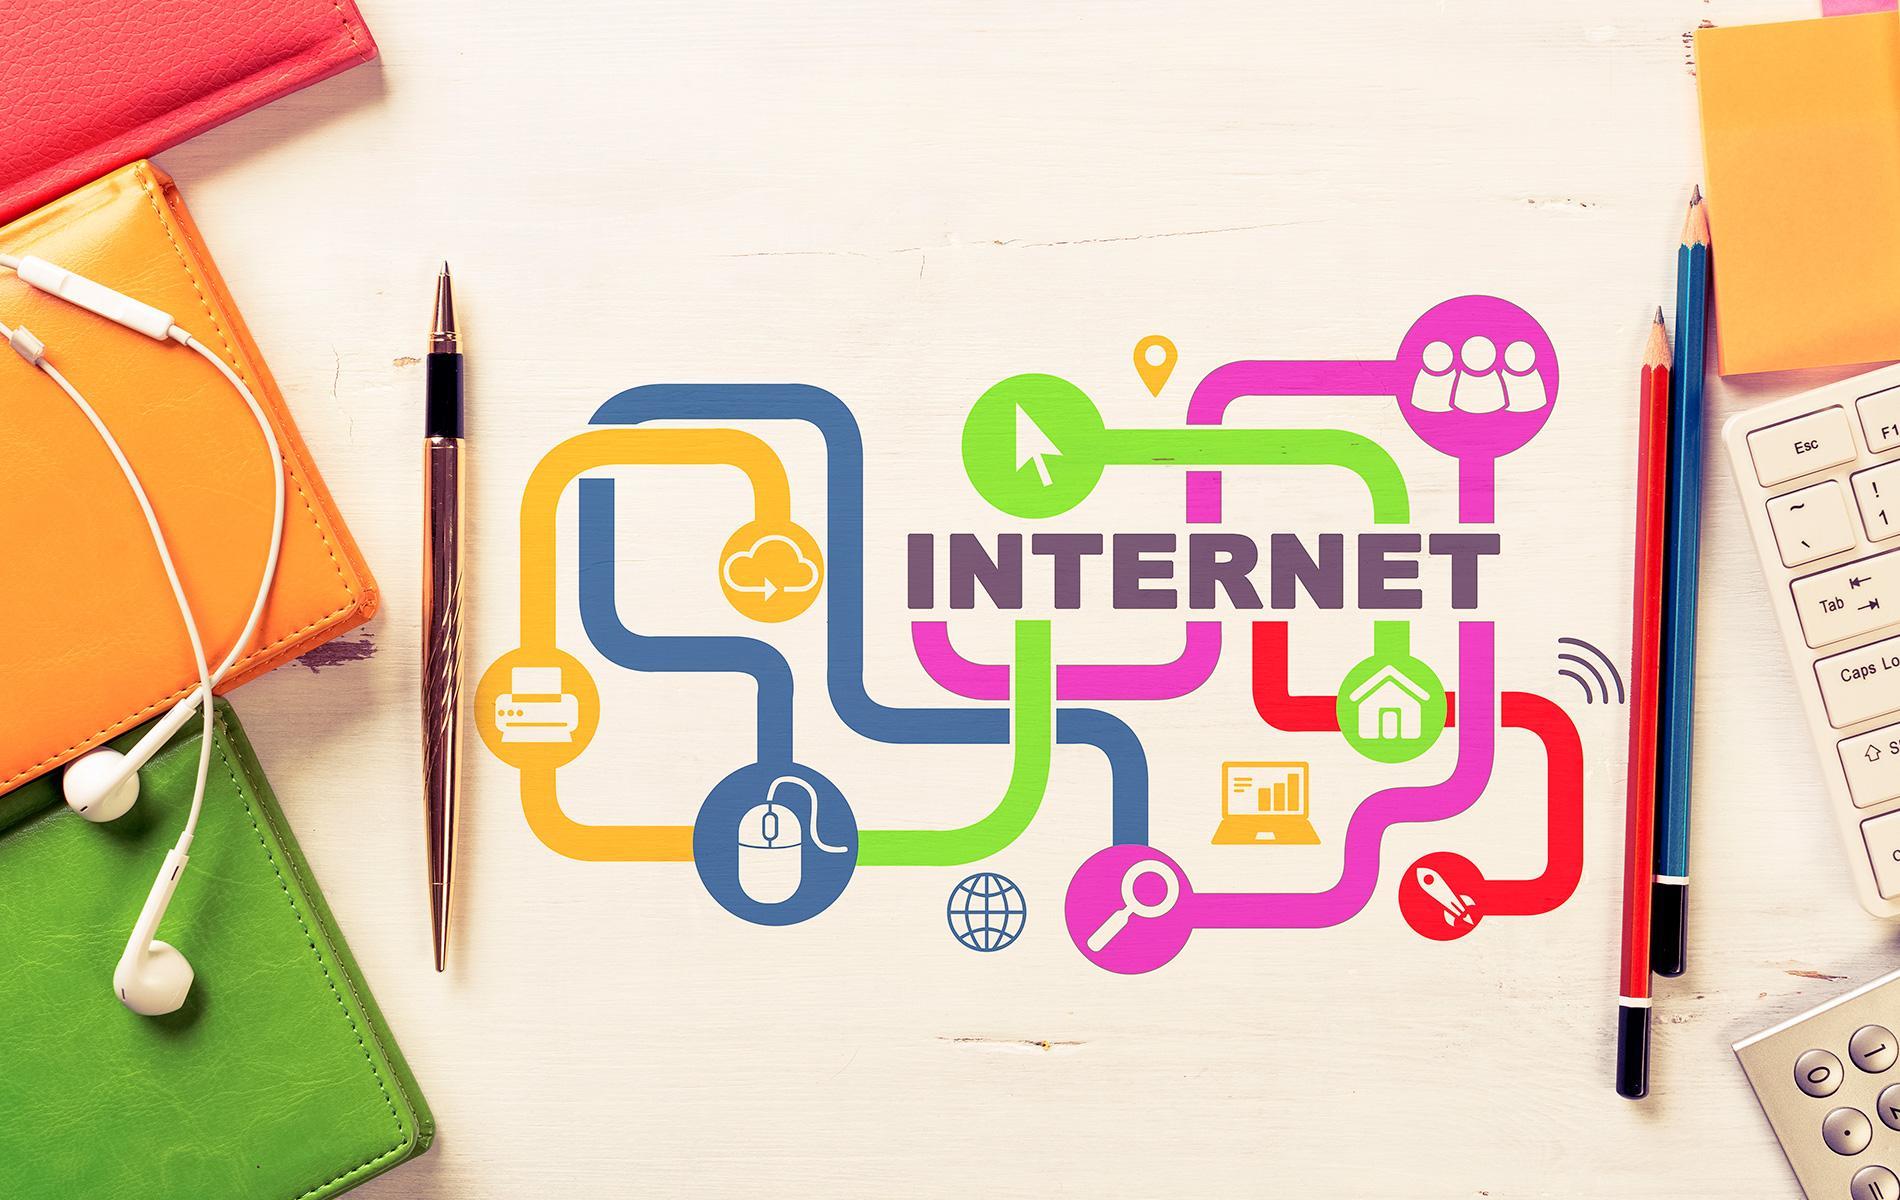 internet economía digital recurso